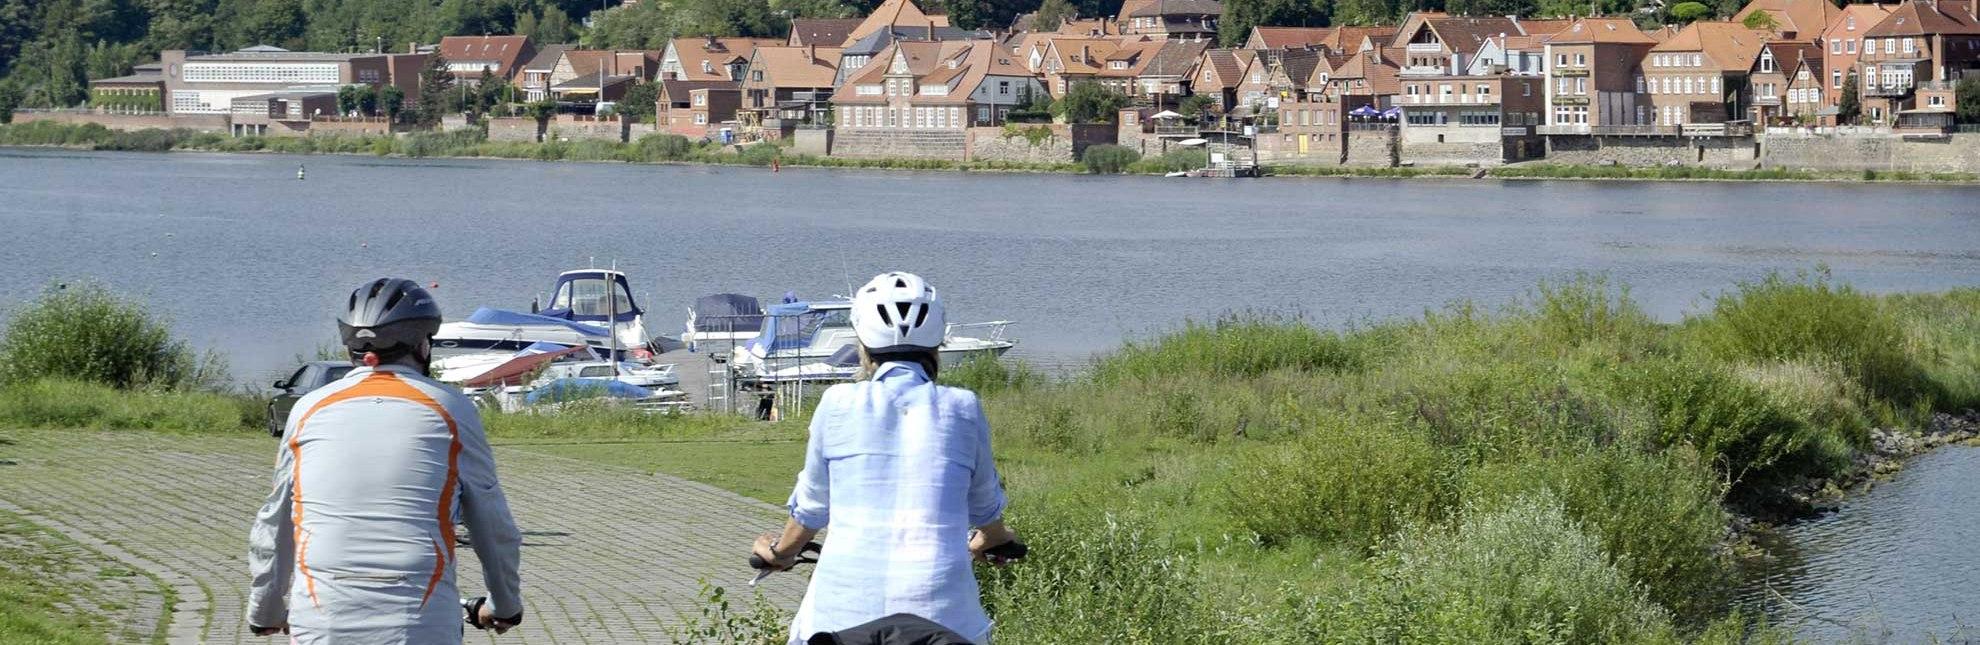 Rad fahren rund um Lauenburg an der Elbe, © photocompany/ Lauenburg